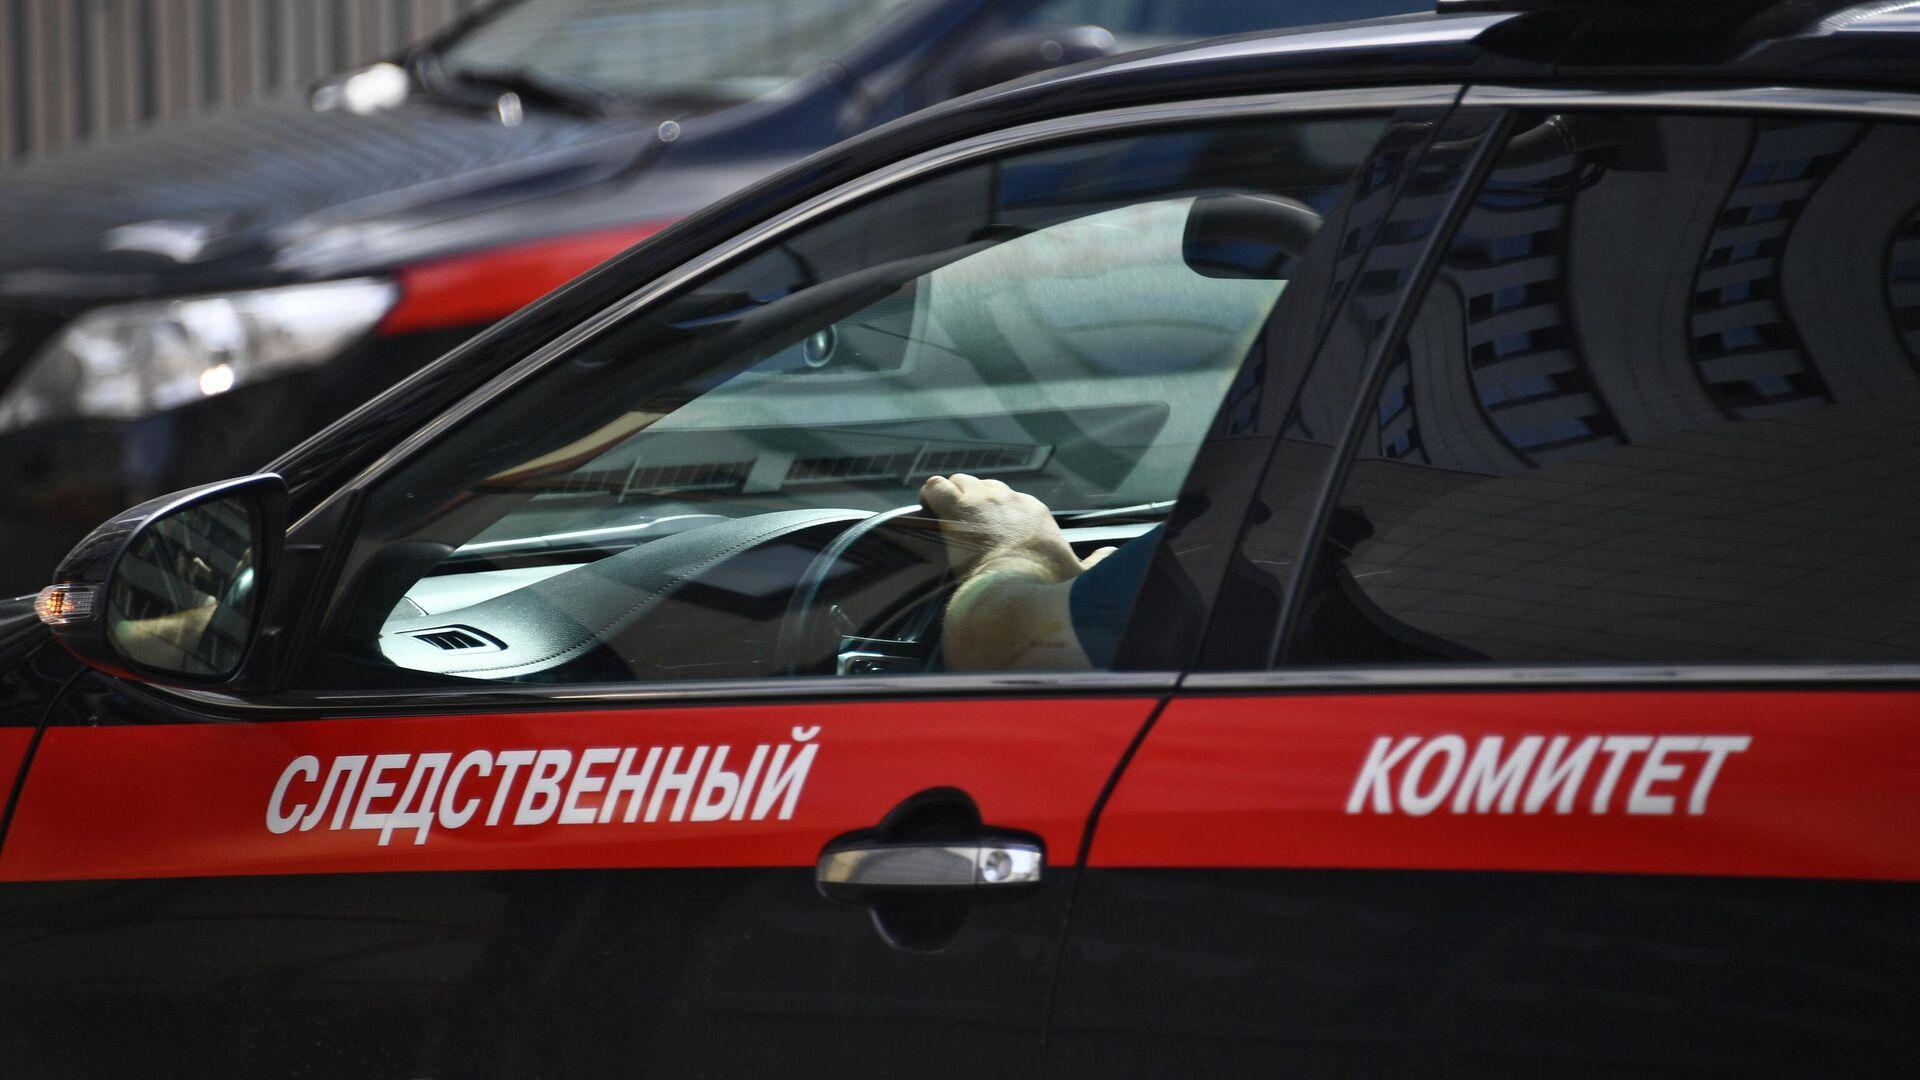 Автомобиль Следственного комитета РФ - РИА Новости, 1920, 03.12.2020